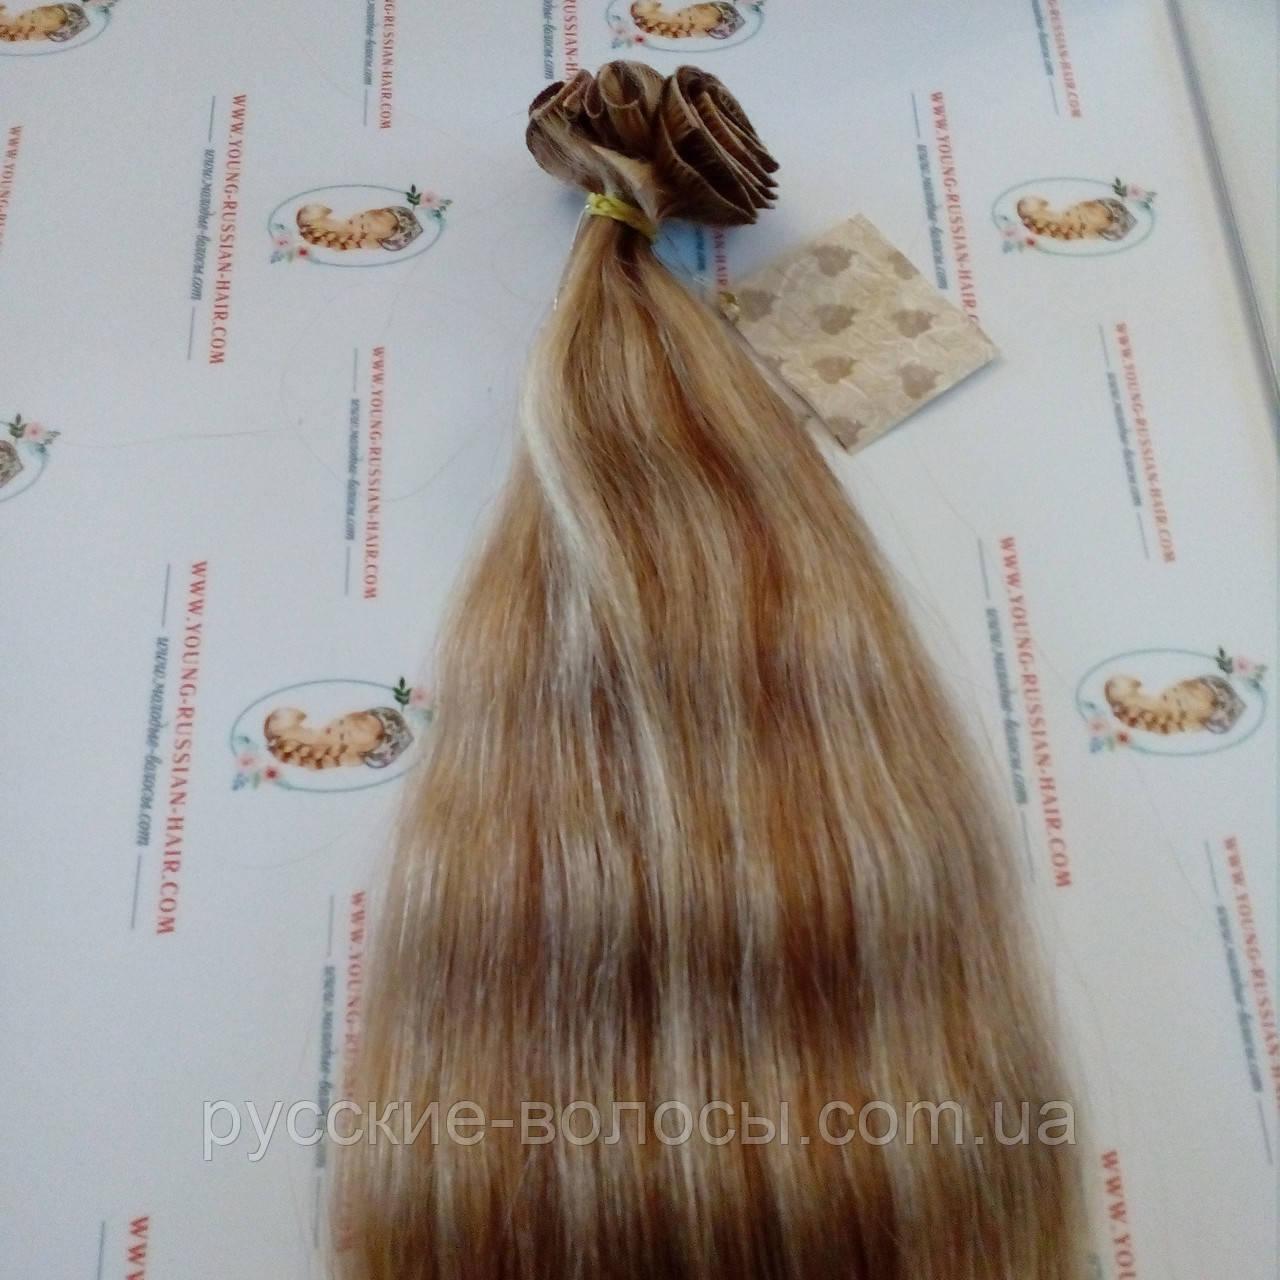 НОВЫЕ ПОСТУПЛЕНИЯ!!! Ручной тресс из славянских волос 56 см. Мелированный